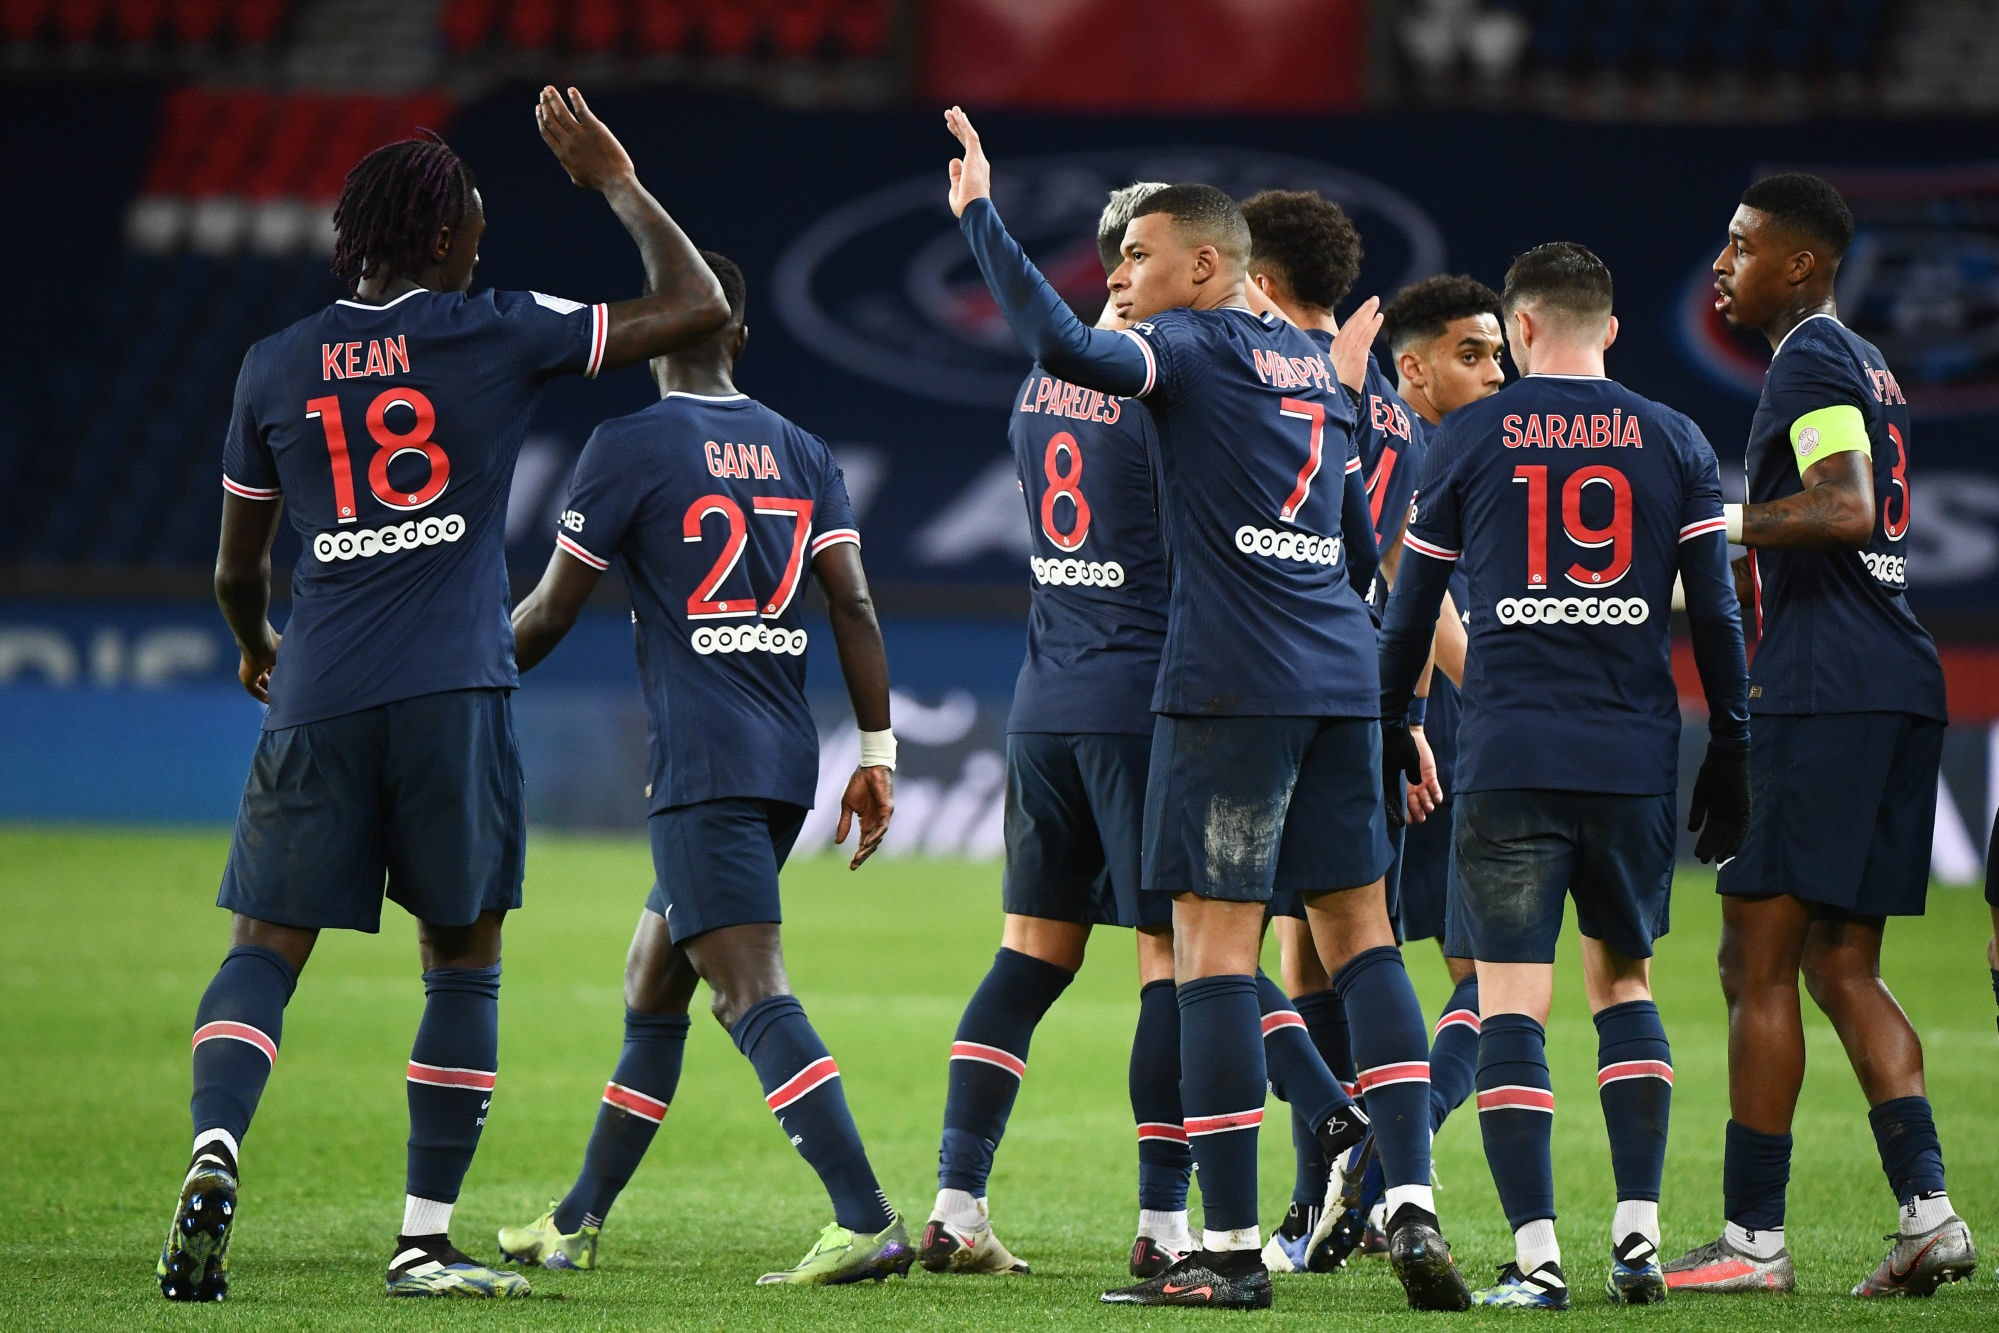 PSG/Nîmes - Que retenez-vous de la victoire parisienne ?